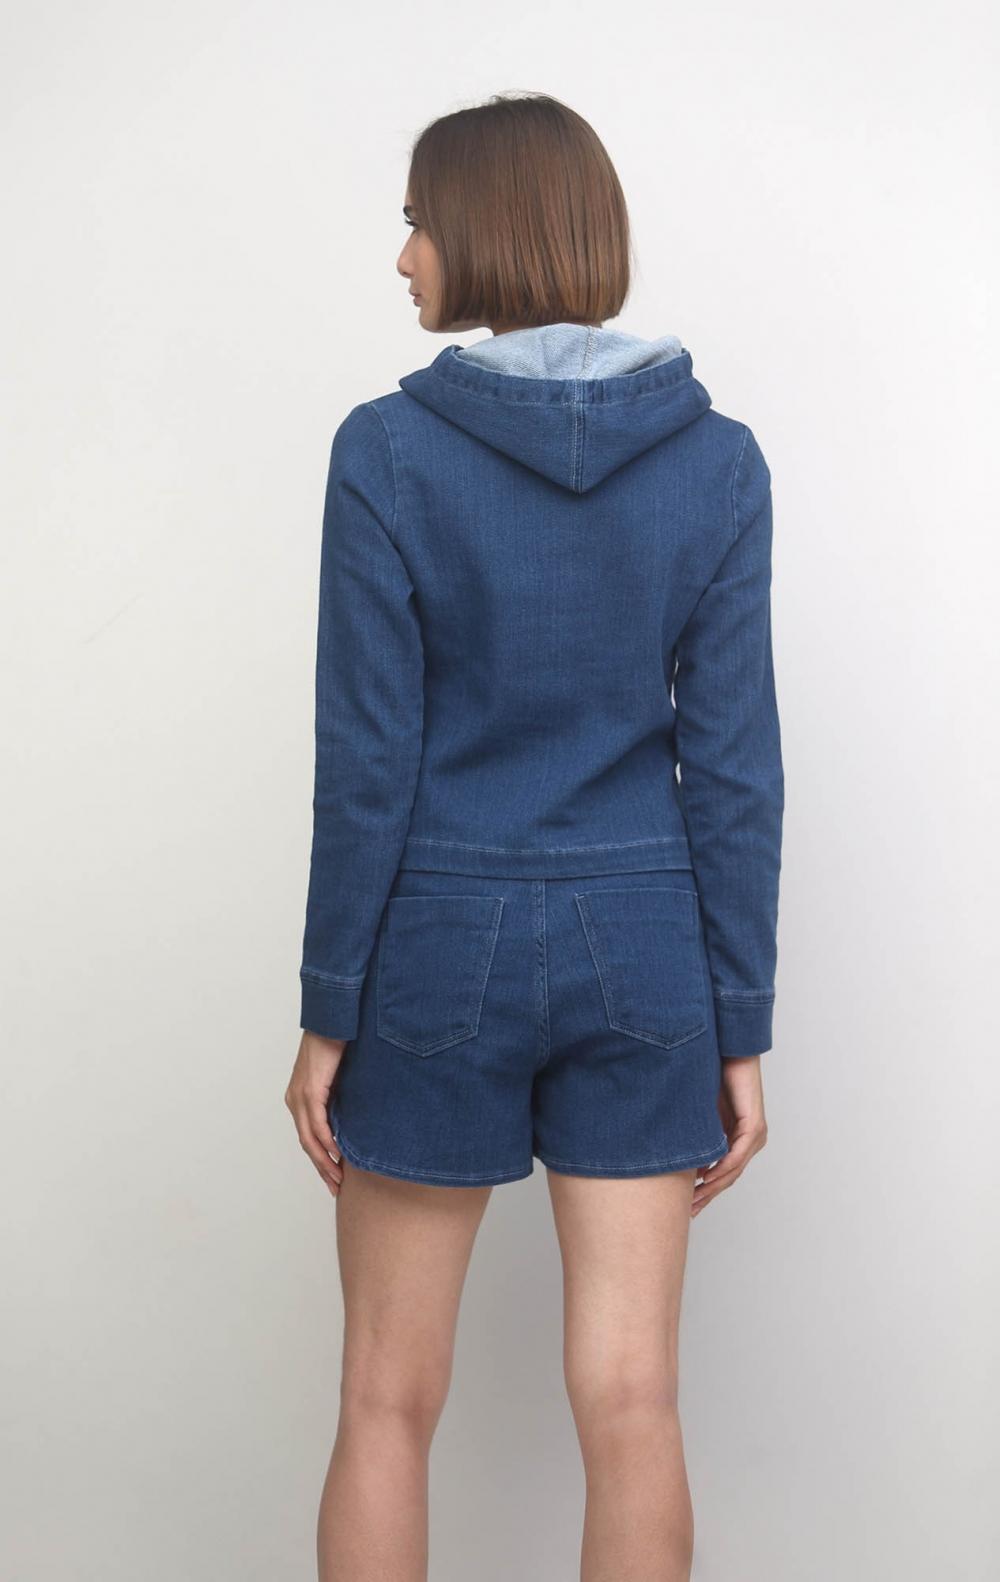 Conjunto Moletom Jeans Curto  - Foto 3